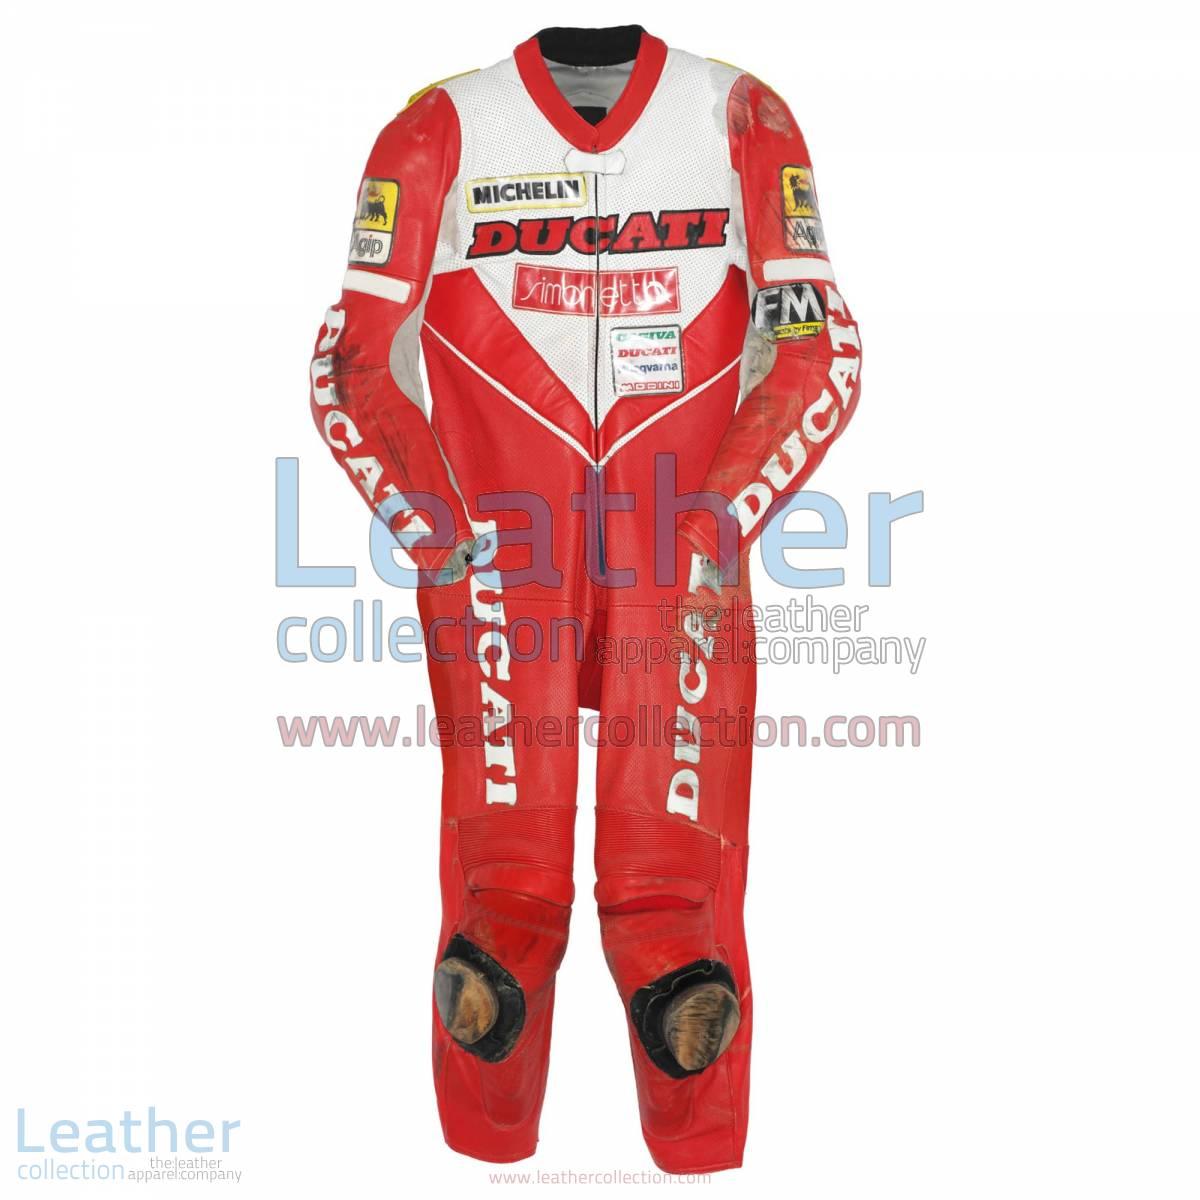 Giancarlo Falappa Ducati WSBK 1993 Leathers | ducati leathers